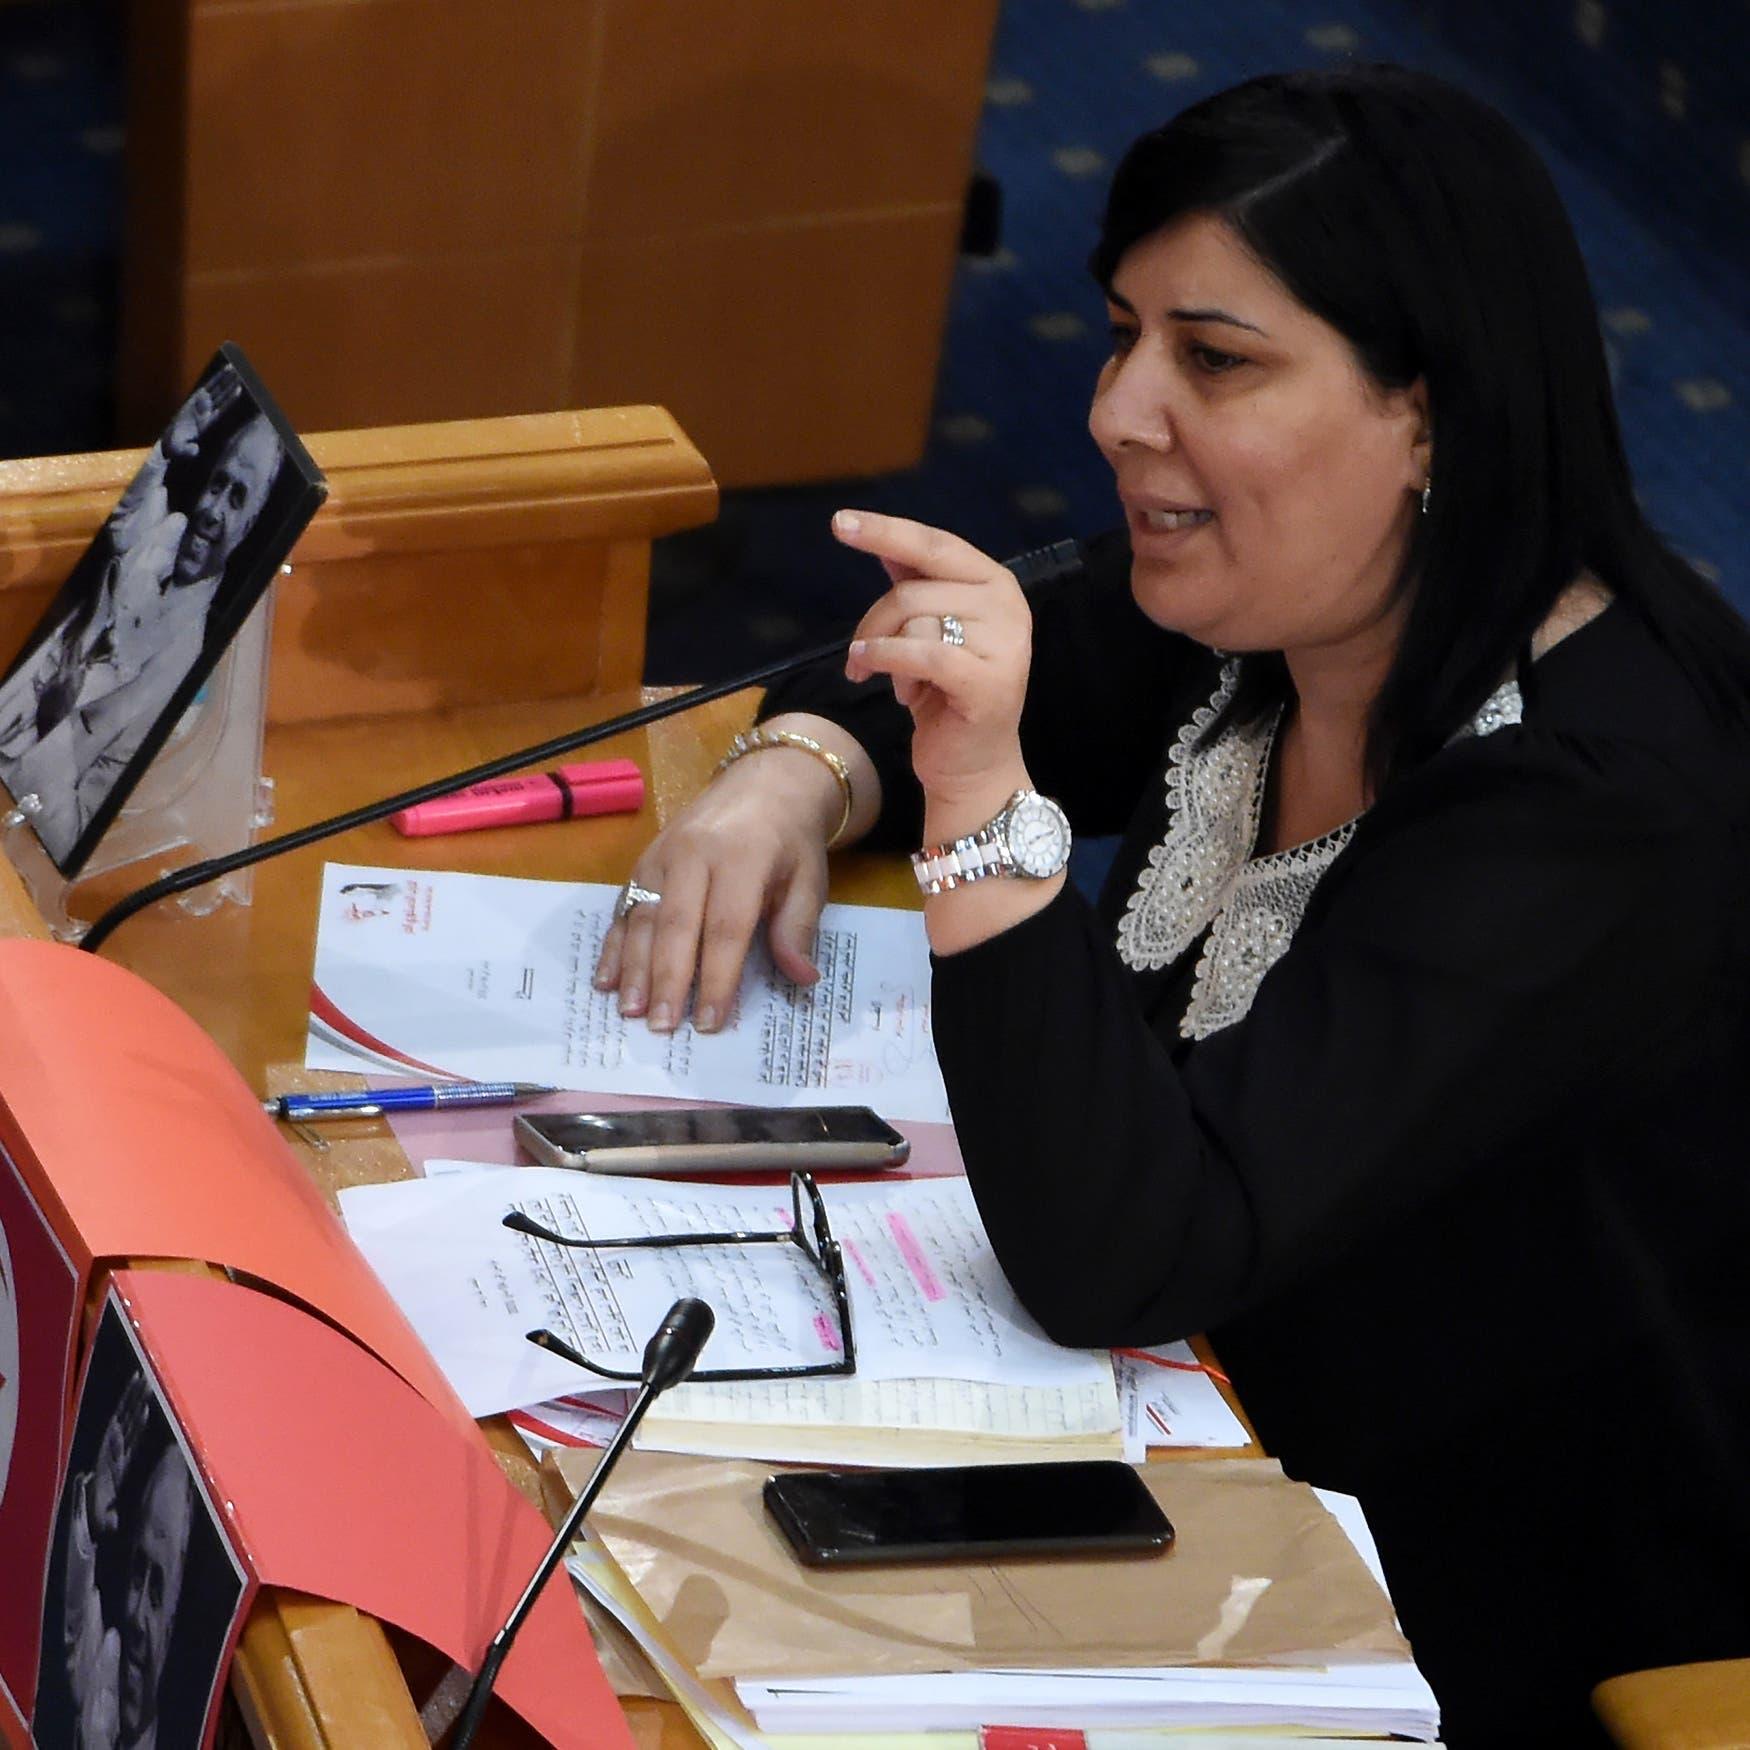 عبير موسي:  برلمان تونس يماطل بتصنيف الإخوان إرهابية